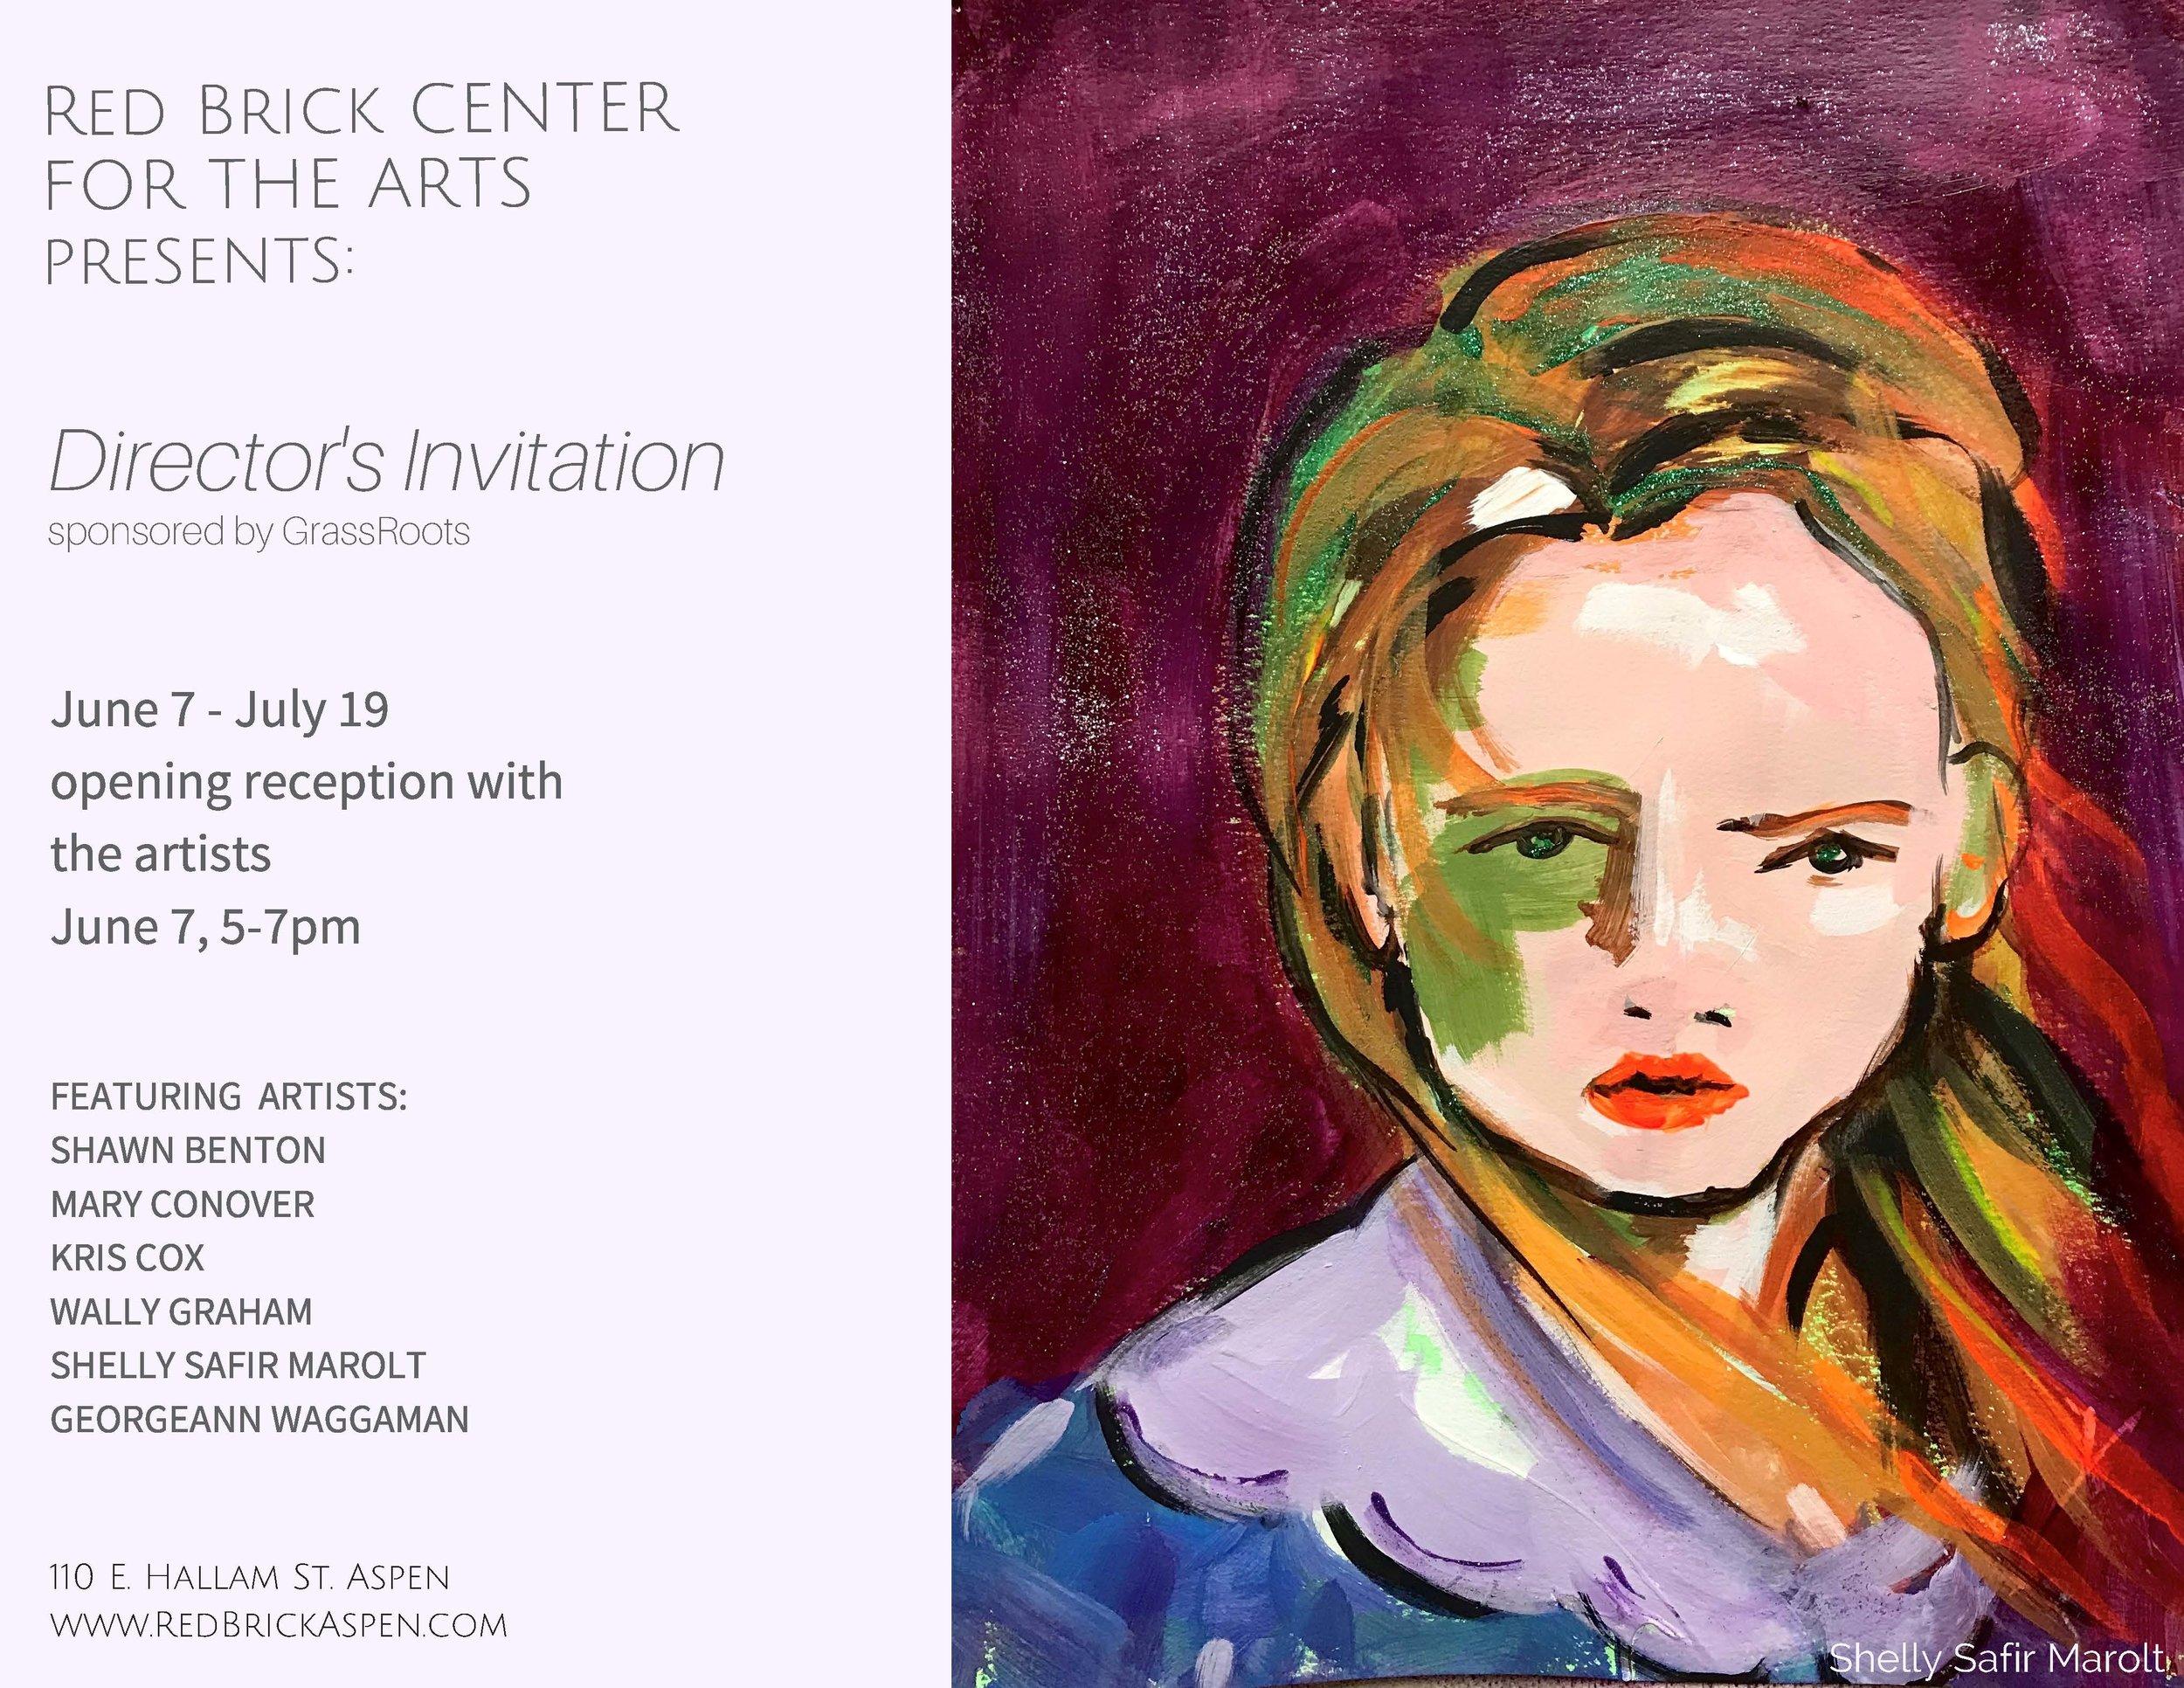 Director's Invitation Exhibition Flyer - Marolt.jpg